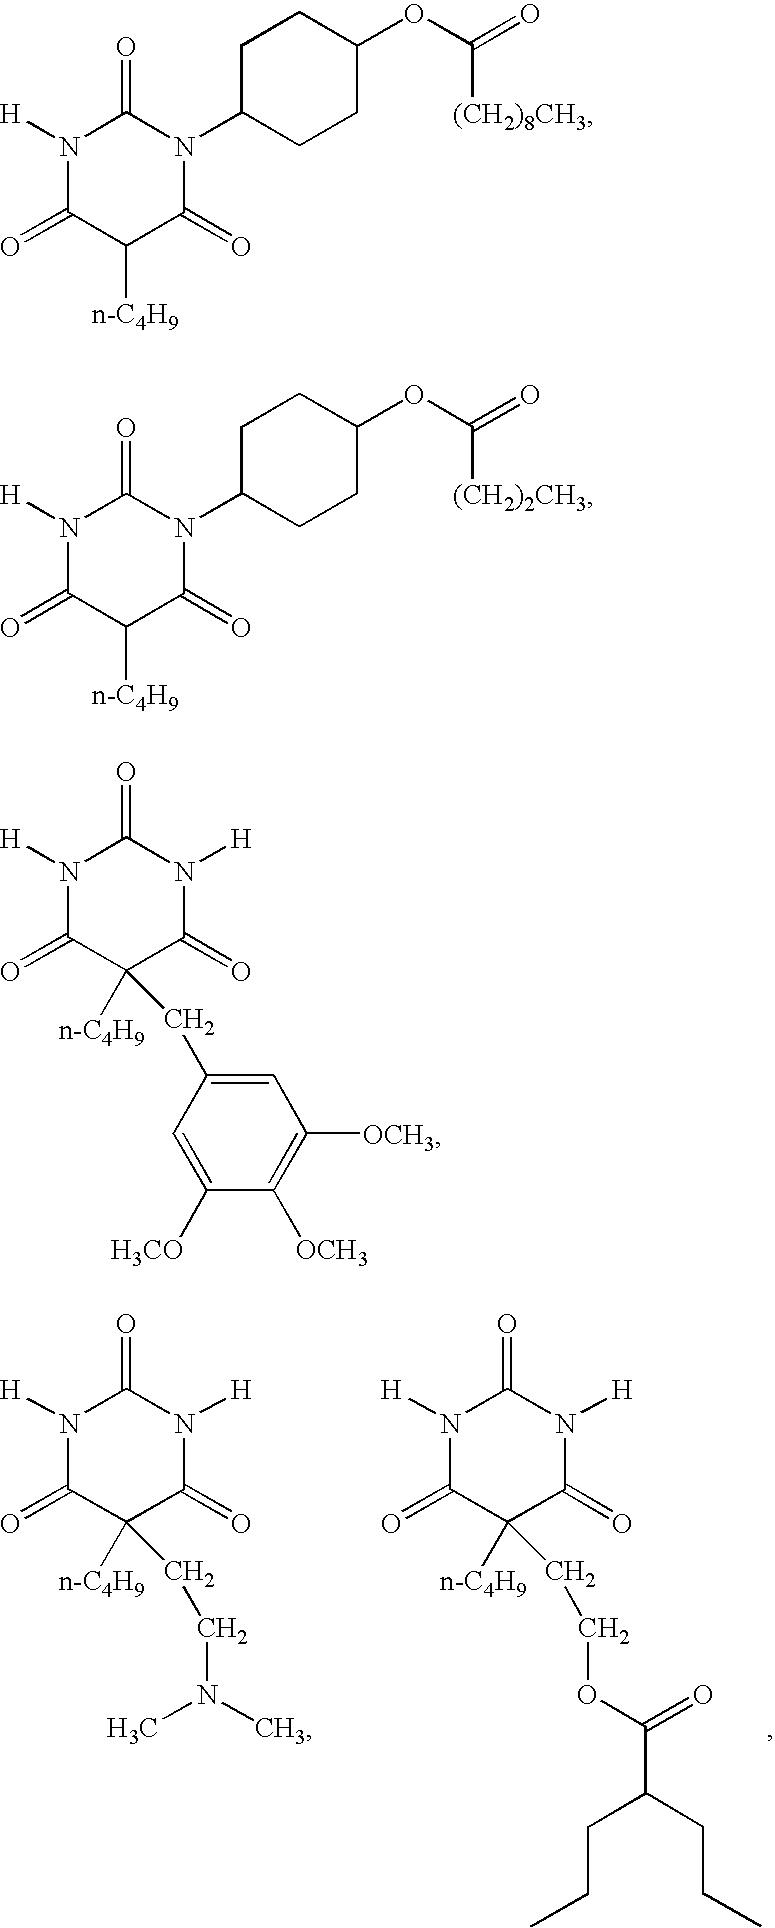 Figure US20040065227A1-20040408-C00056